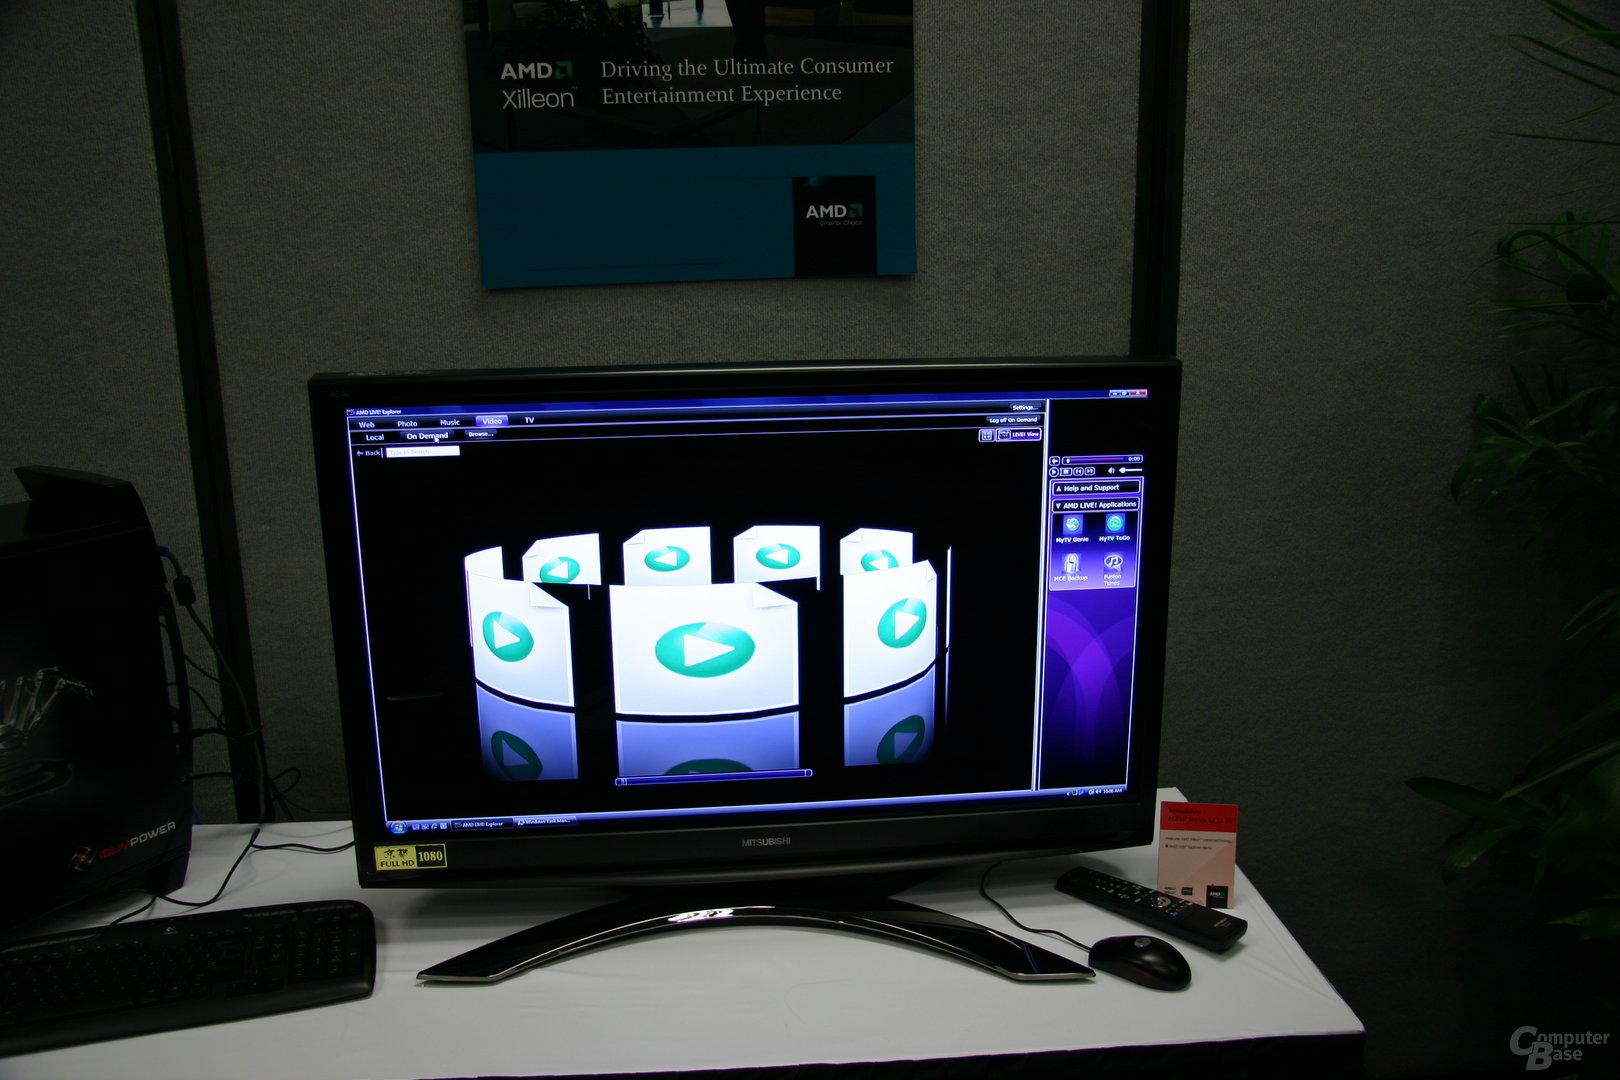 AMD Live! Ultra